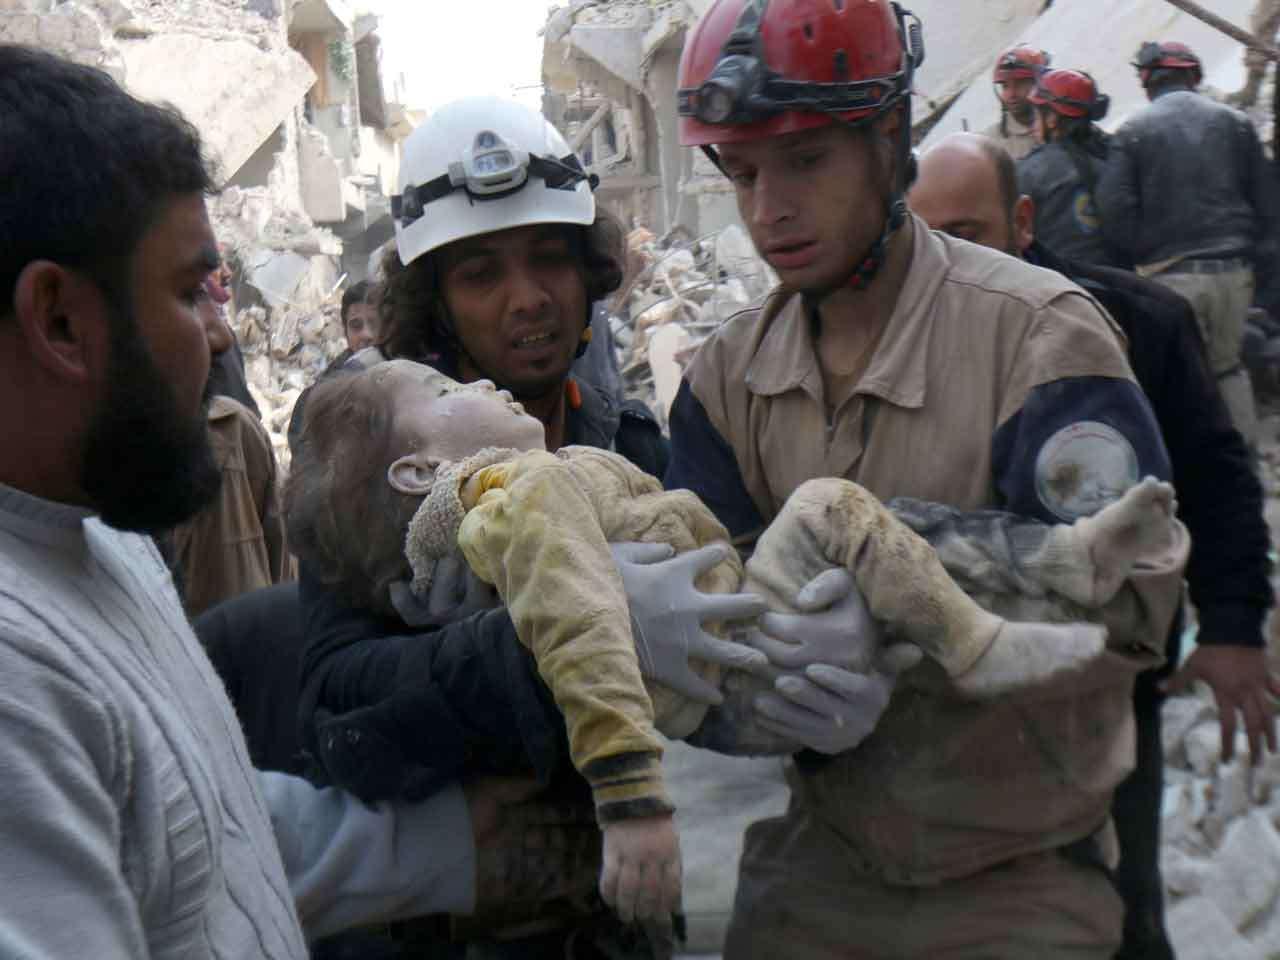 Trabajadores de rescate sacan a un niño de los escombros de una casa tras bombardeos del Gobierno sirio en la ciudad de Alepo, 1 de febrero de 2015. Foto: AFP en español